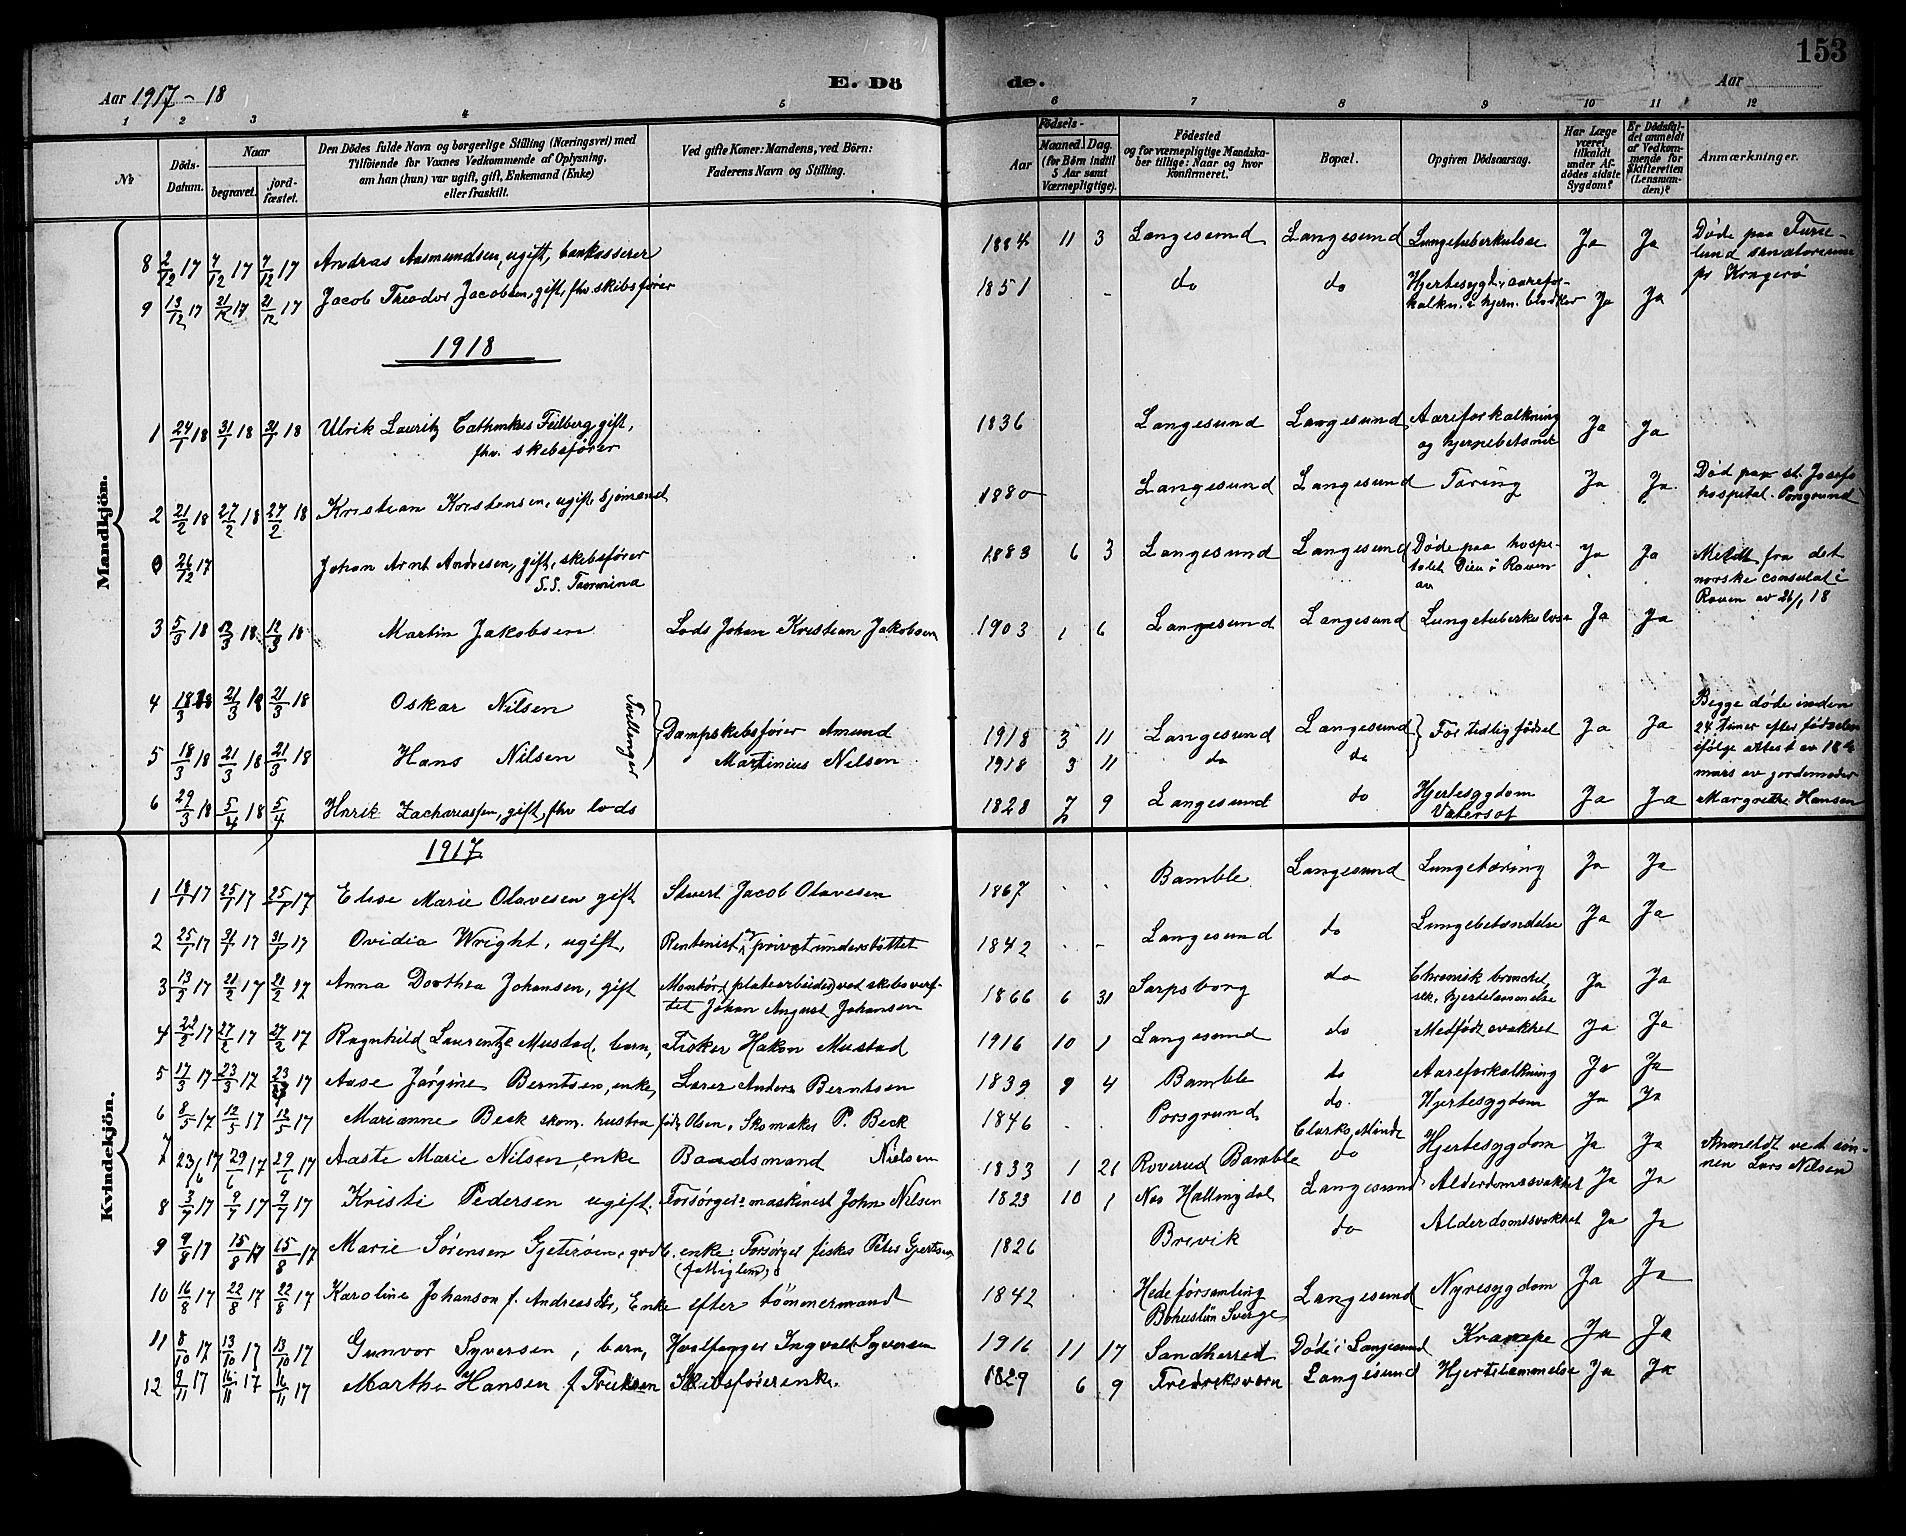 SAKO, Langesund kirkebøker, G/Ga/L0006: Klokkerbok nr. 6, 1899-1918, s. 153